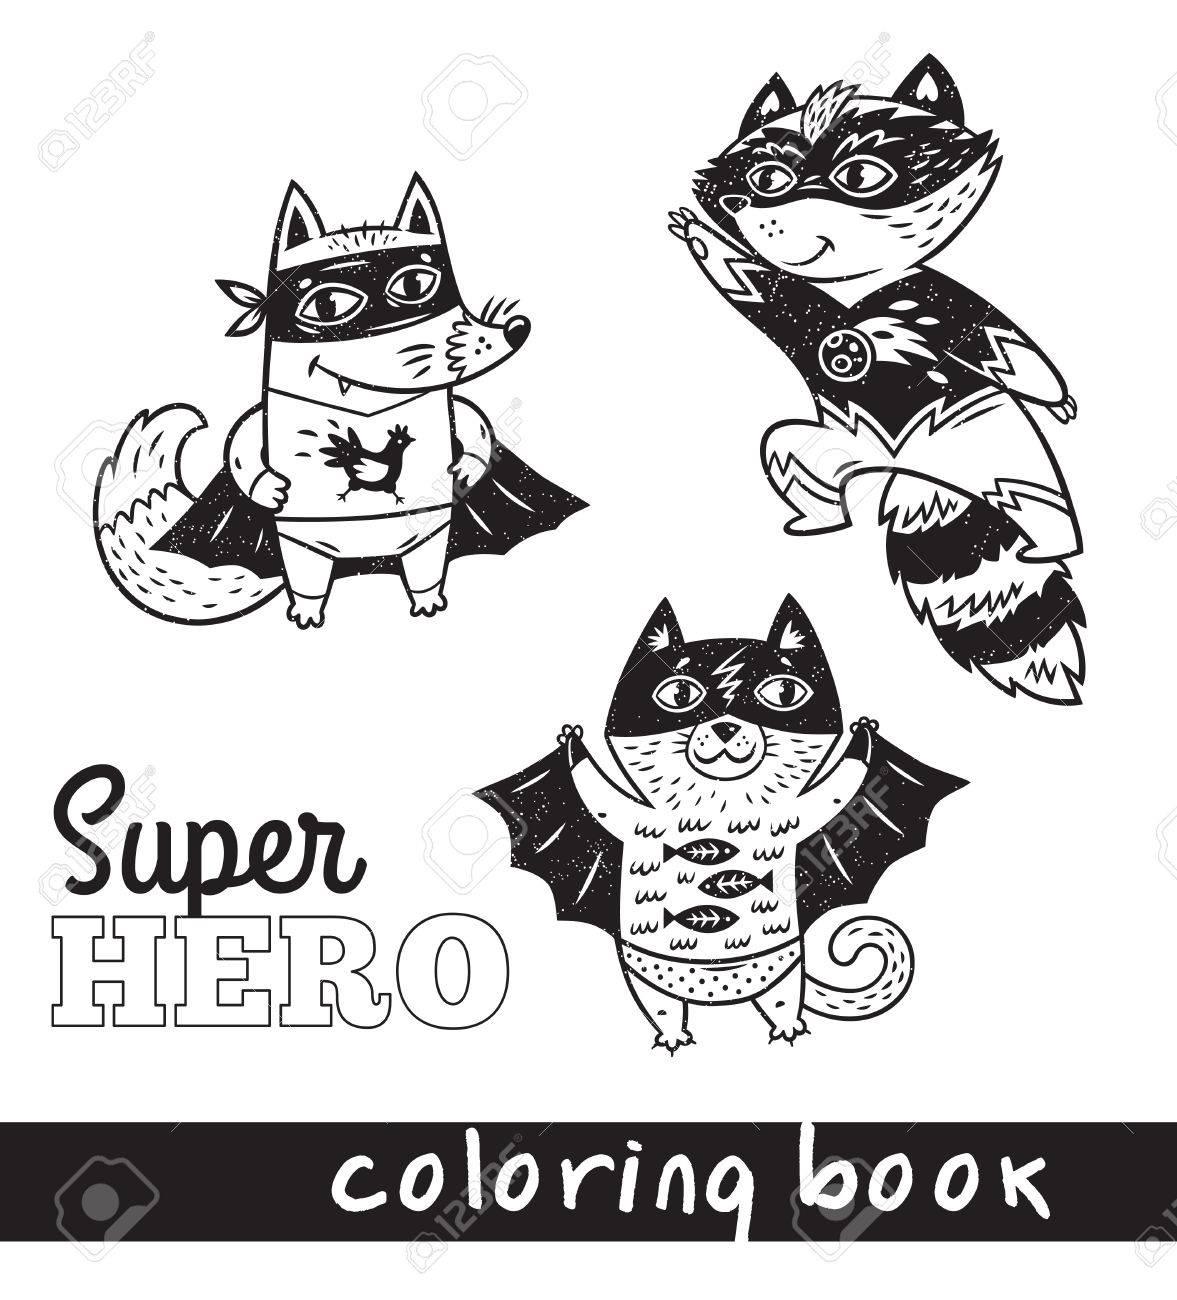 Ejemplo Blanco Y Negro. Dibujado A Mano Zorro, El Gato Y El Mapache ...